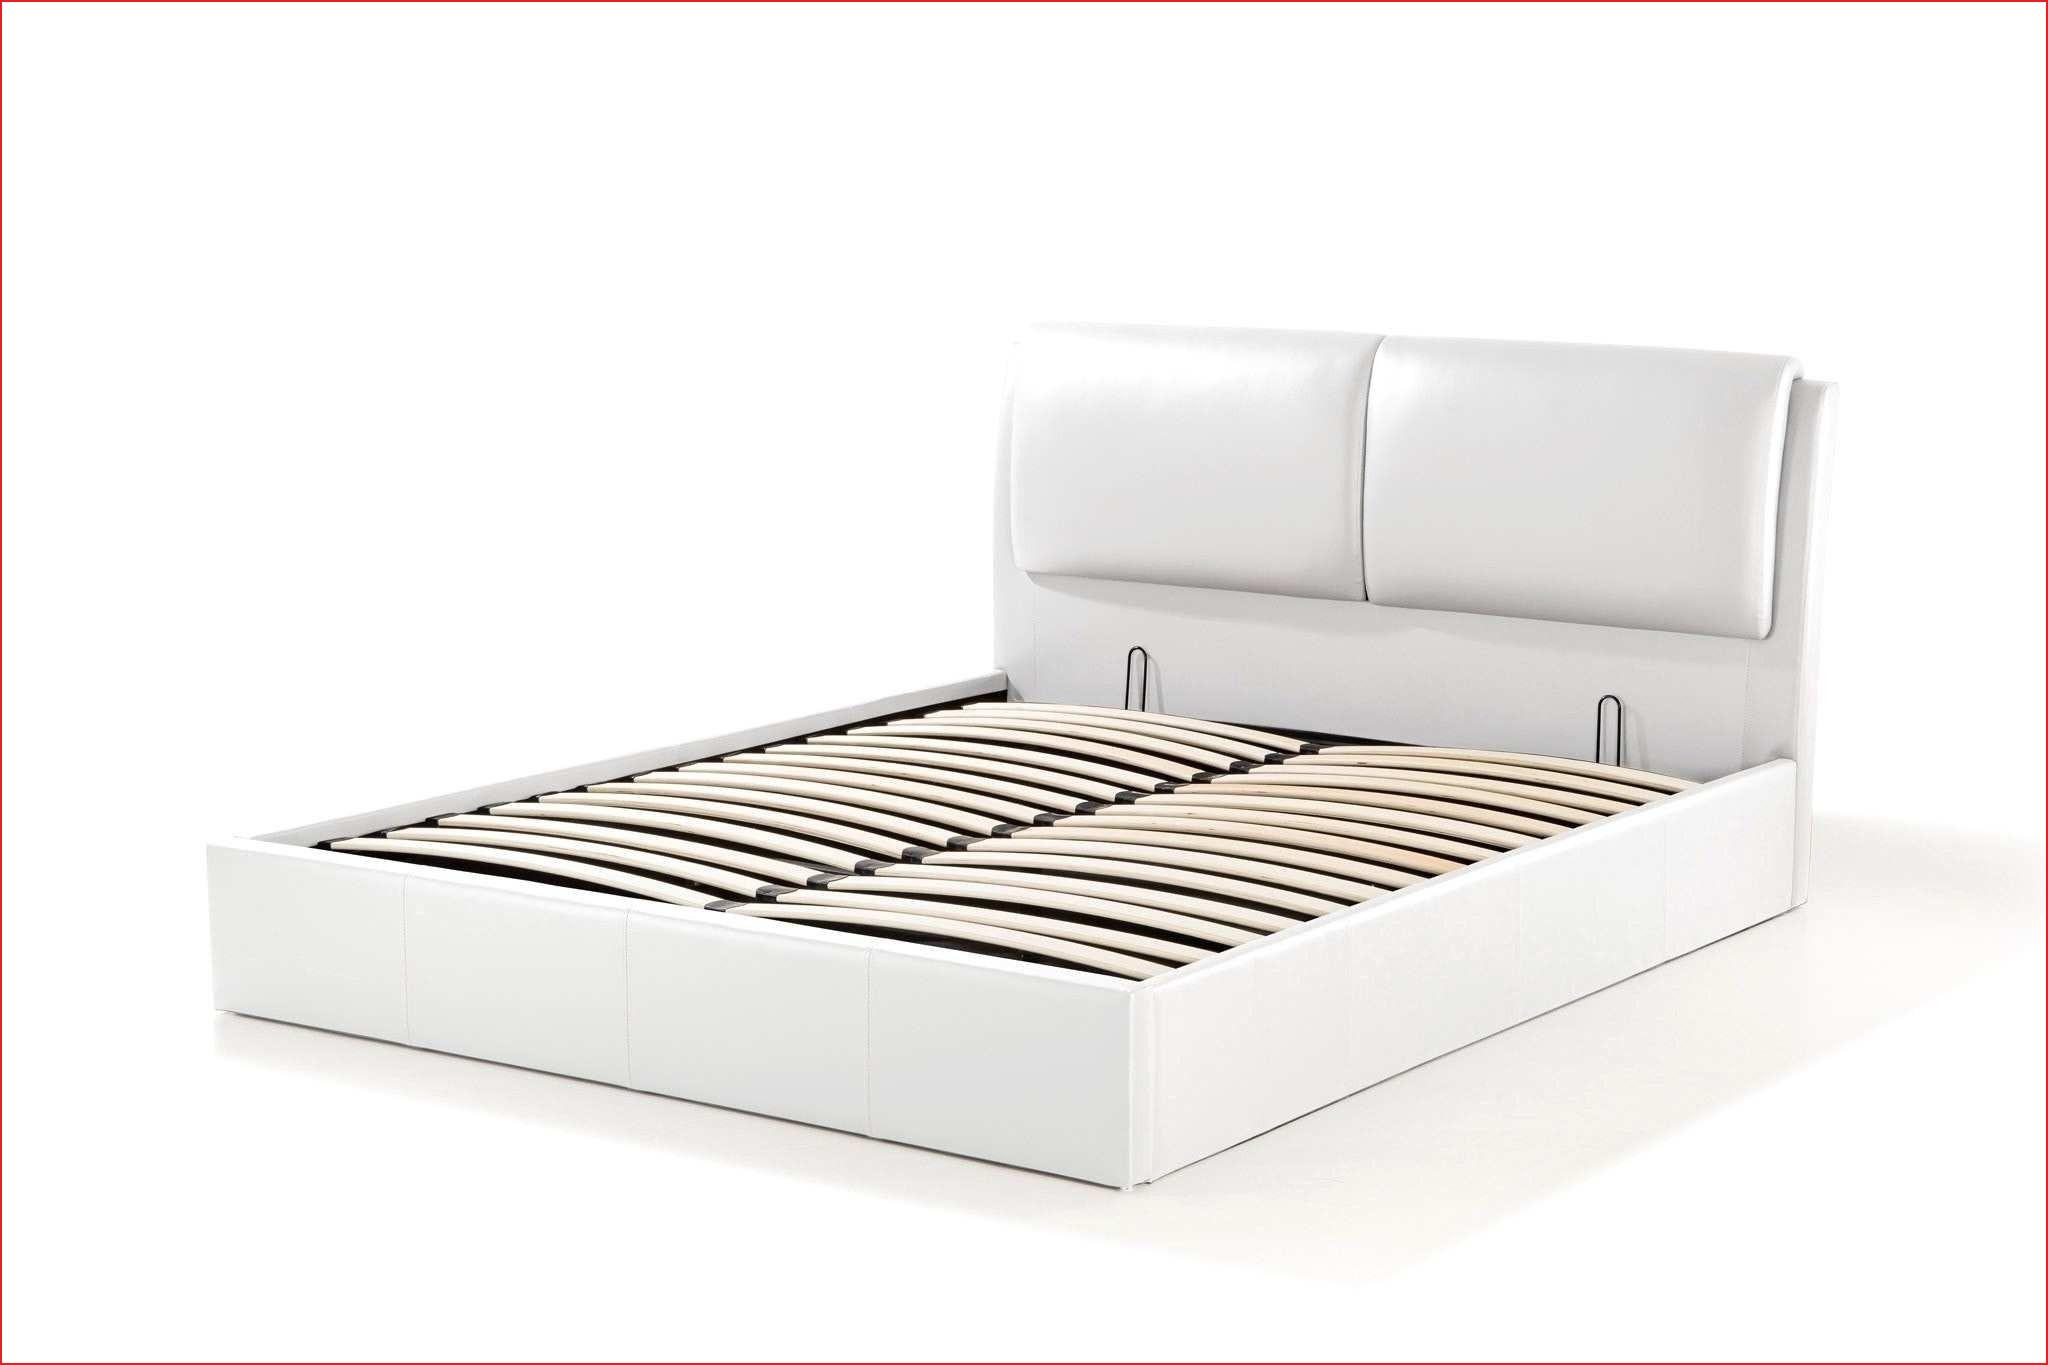 coussin tete de lit alinea lit coffre sans tete de lit conforama of coussin tete de lit alinea 3